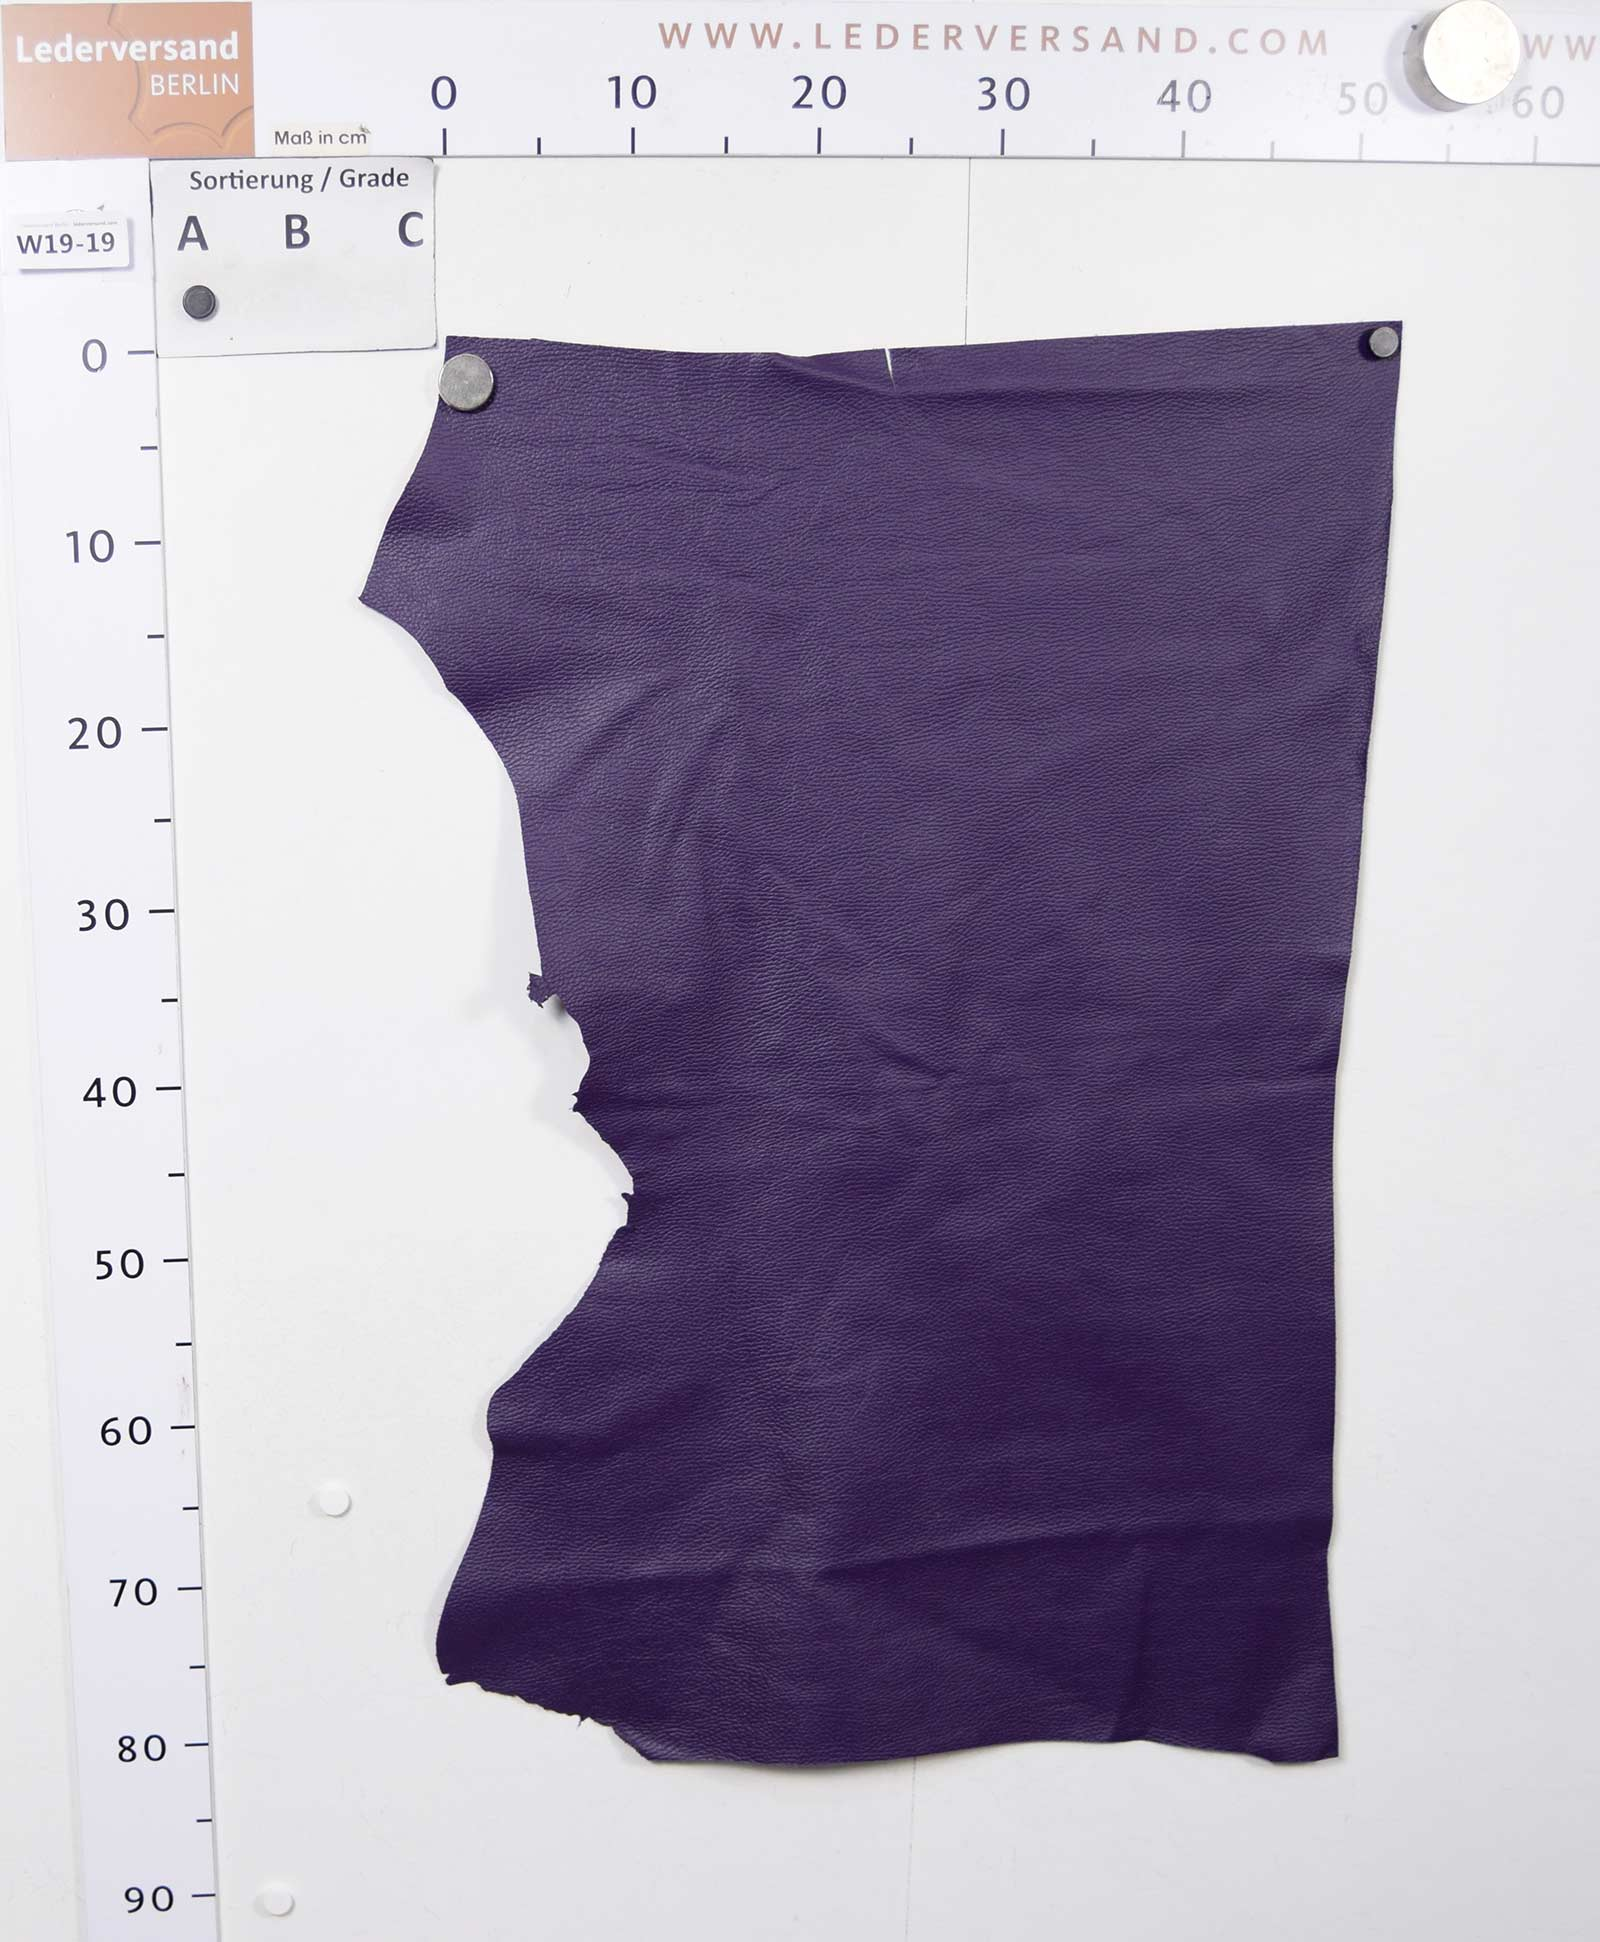 Rindsleder-Nappa-lila-1-mm-Lederreste-Lederstuecke-Rindsnappa-Bastelleder-w19